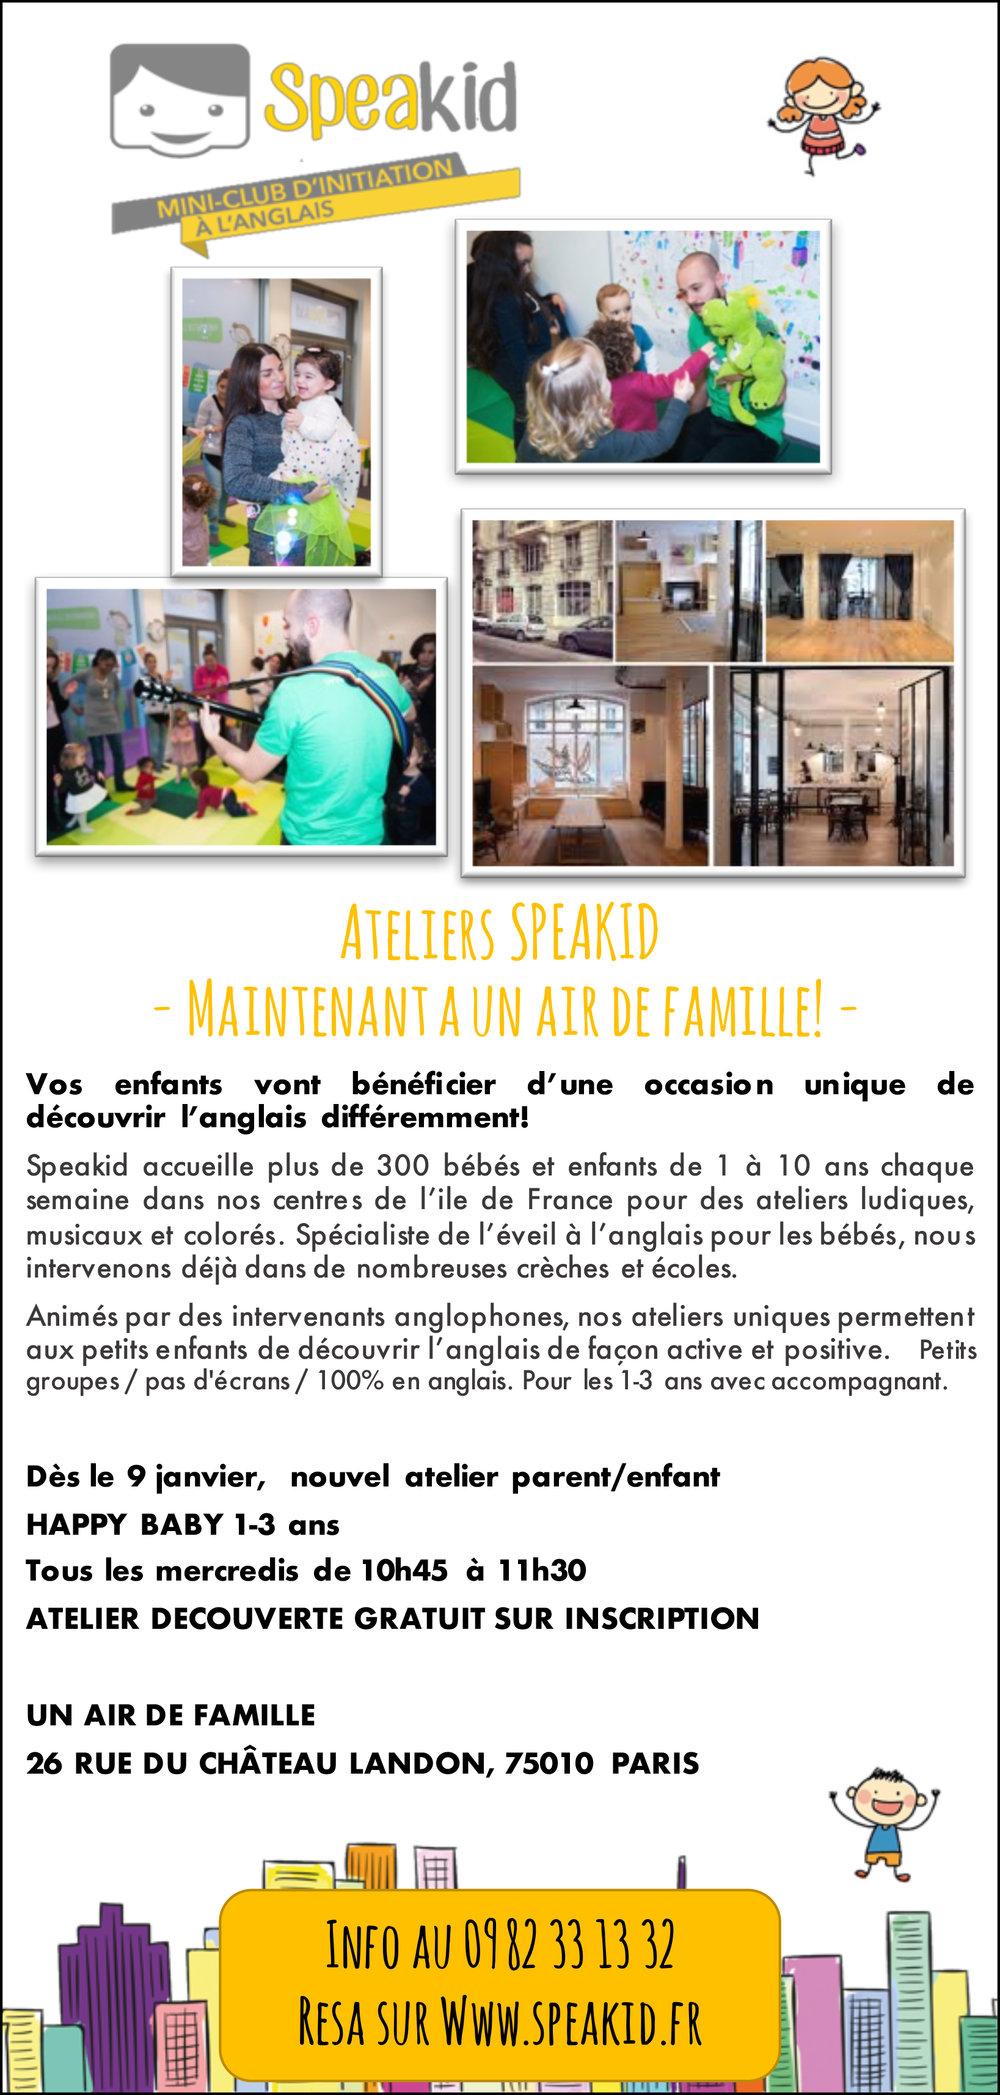 Speakid UN AIR DE FAMILLE affiche.jpg